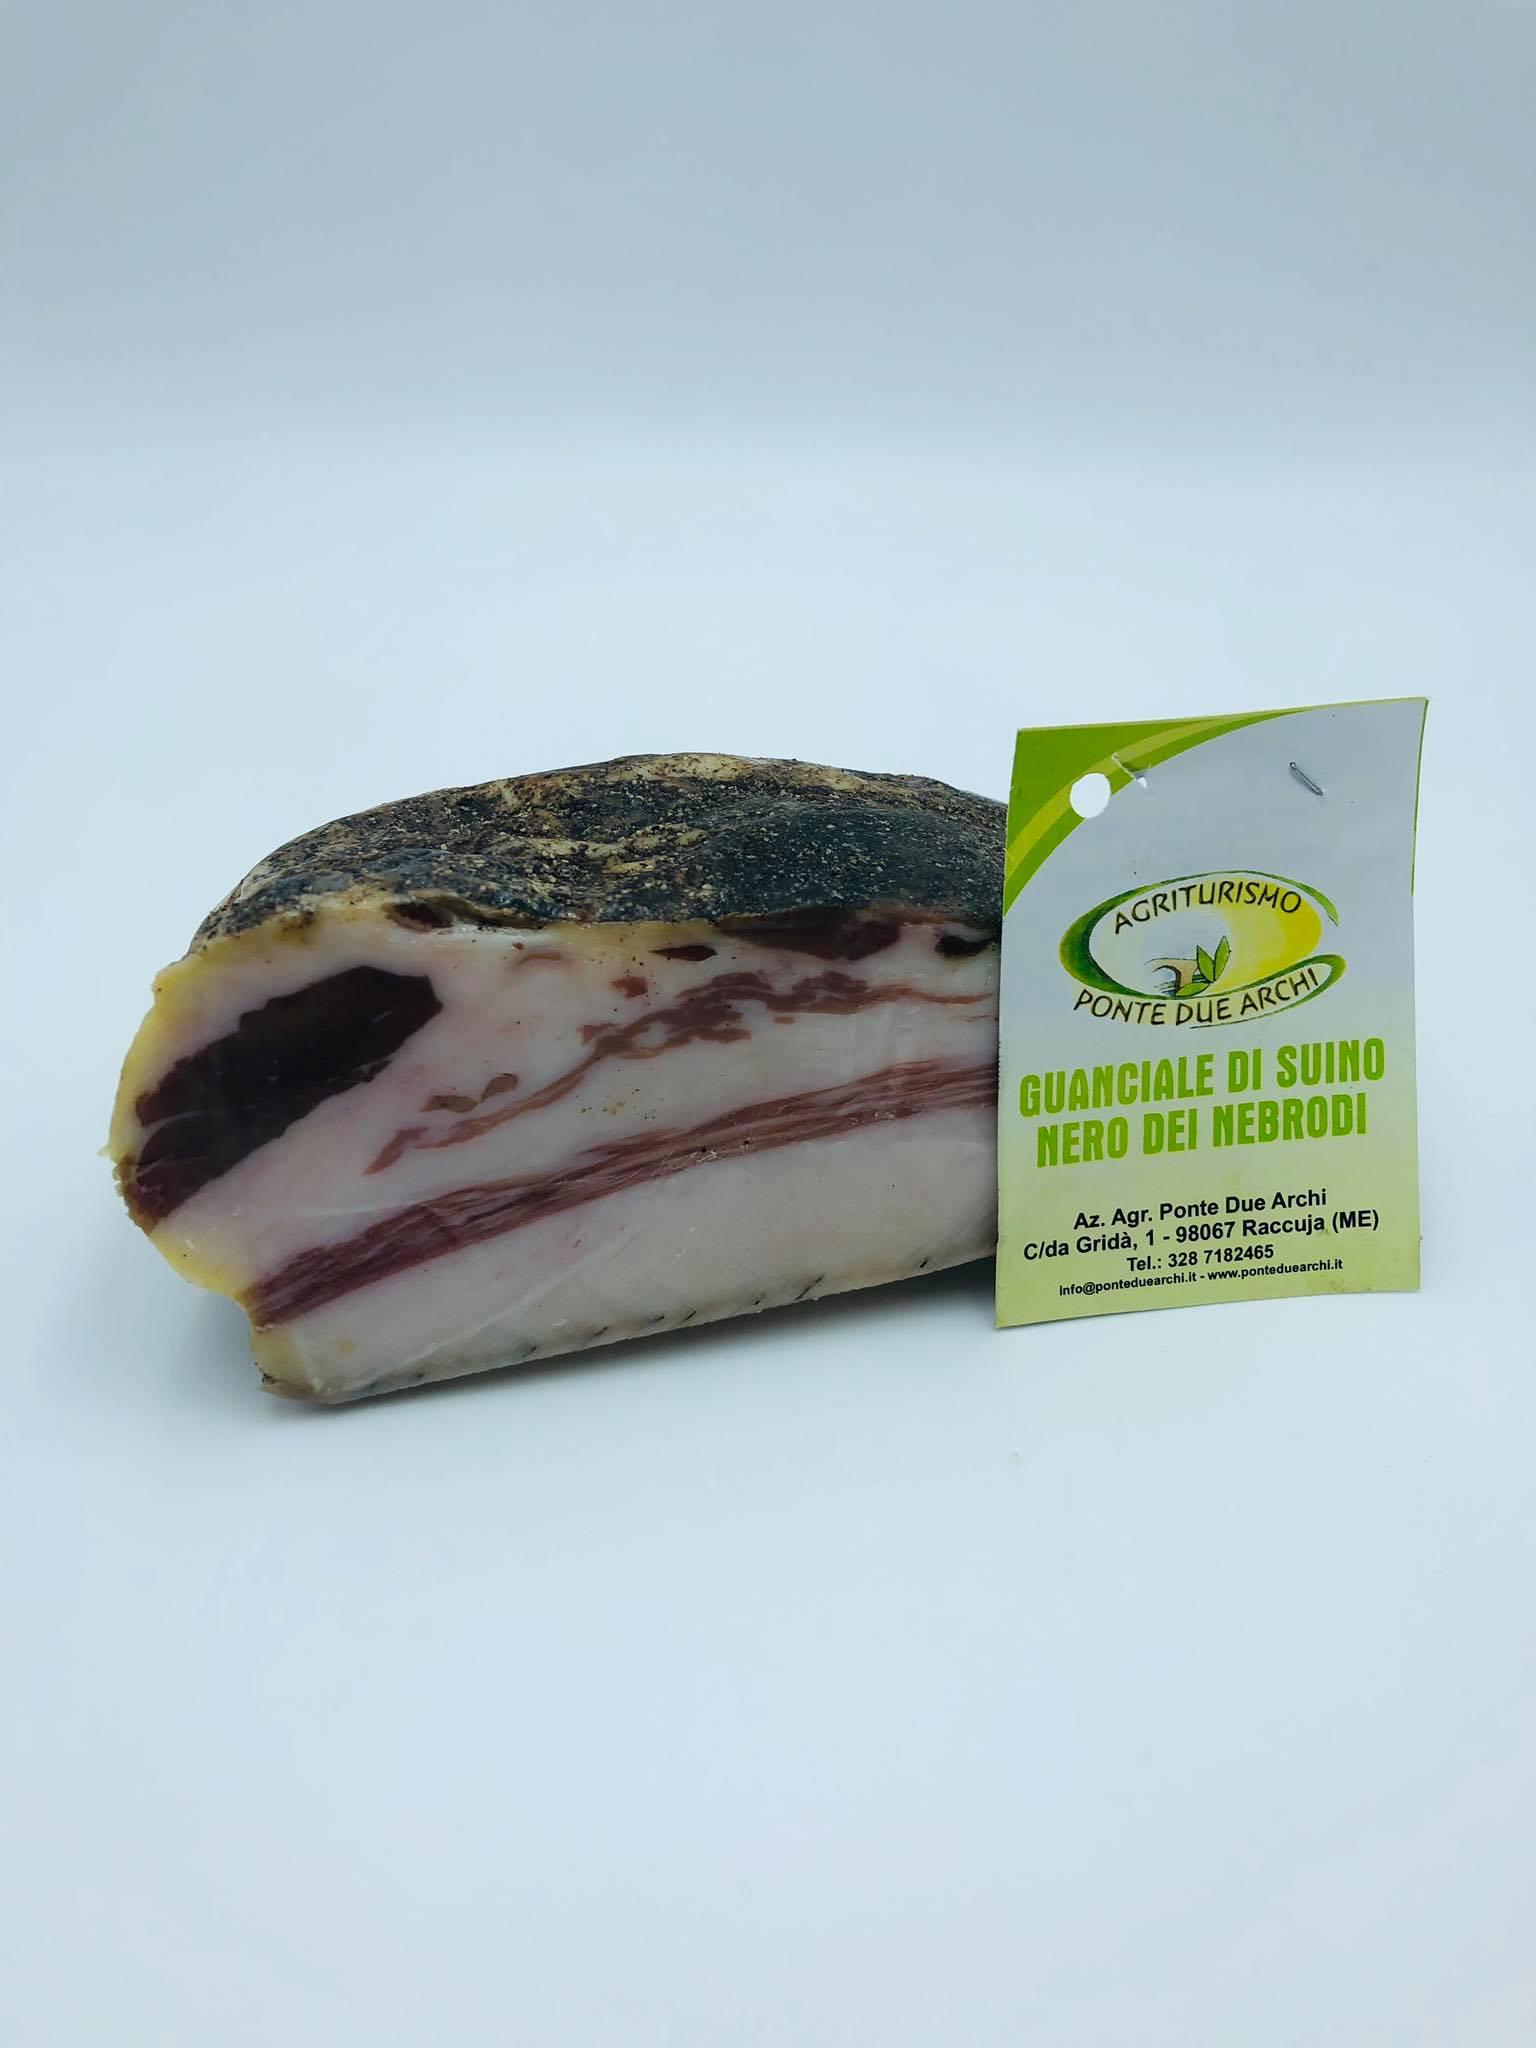 Nebrodi Black Pork Cheek (Guanciale di Suino Nero dei Nebrodi) - Ponte due Archi